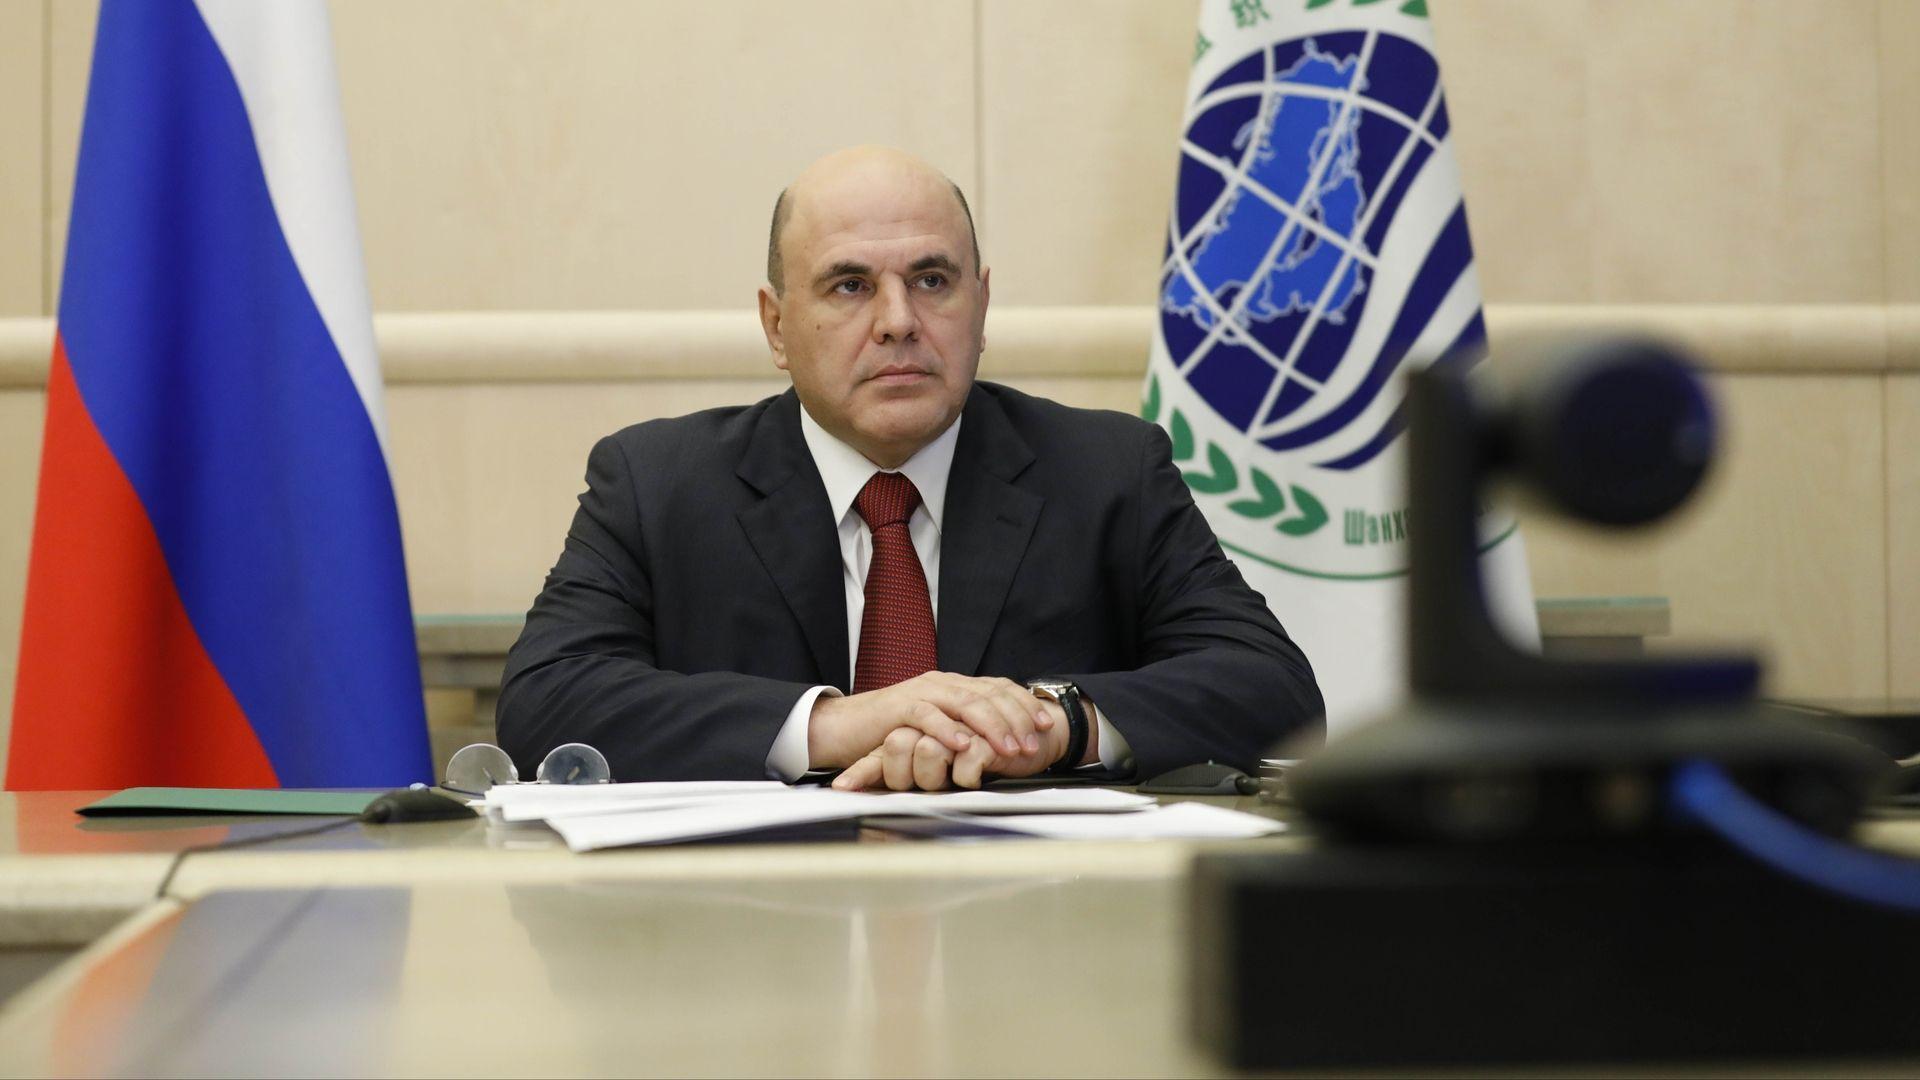 Заседание Совета глав правительств государств – членов ШОС